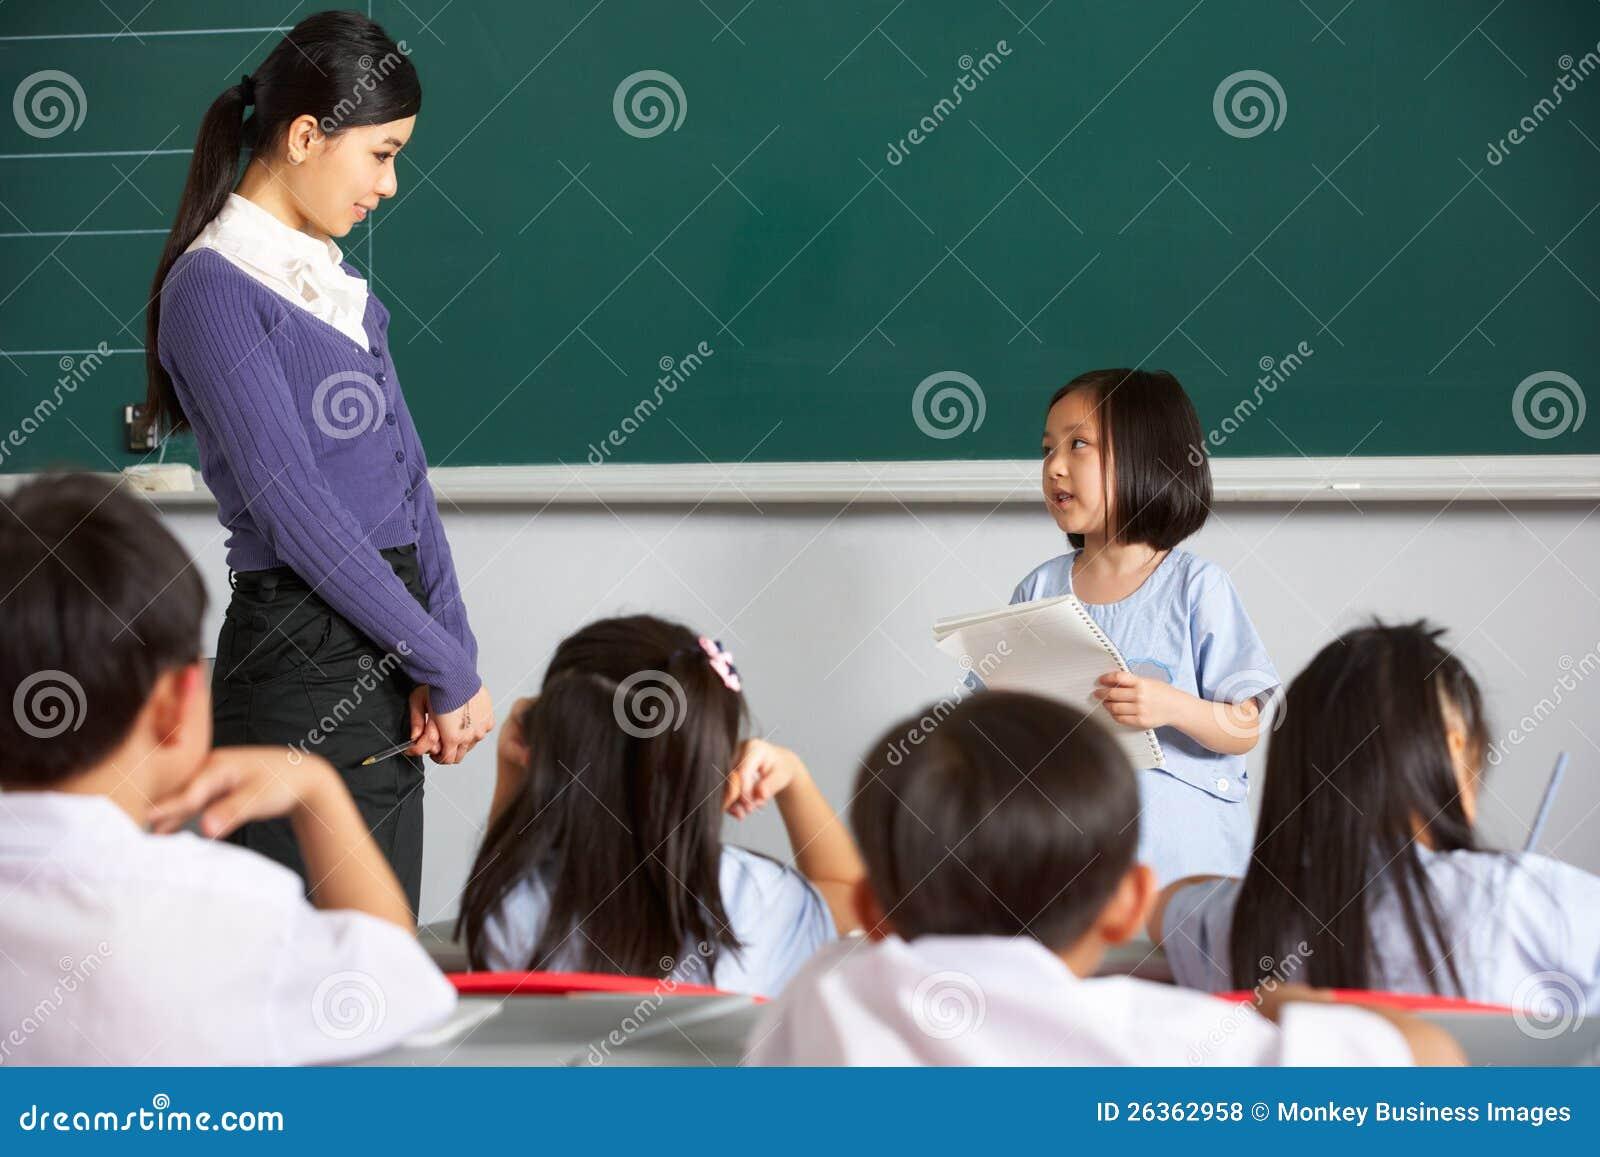 Смотреть бесплатно учитель и ученица 23 фотография